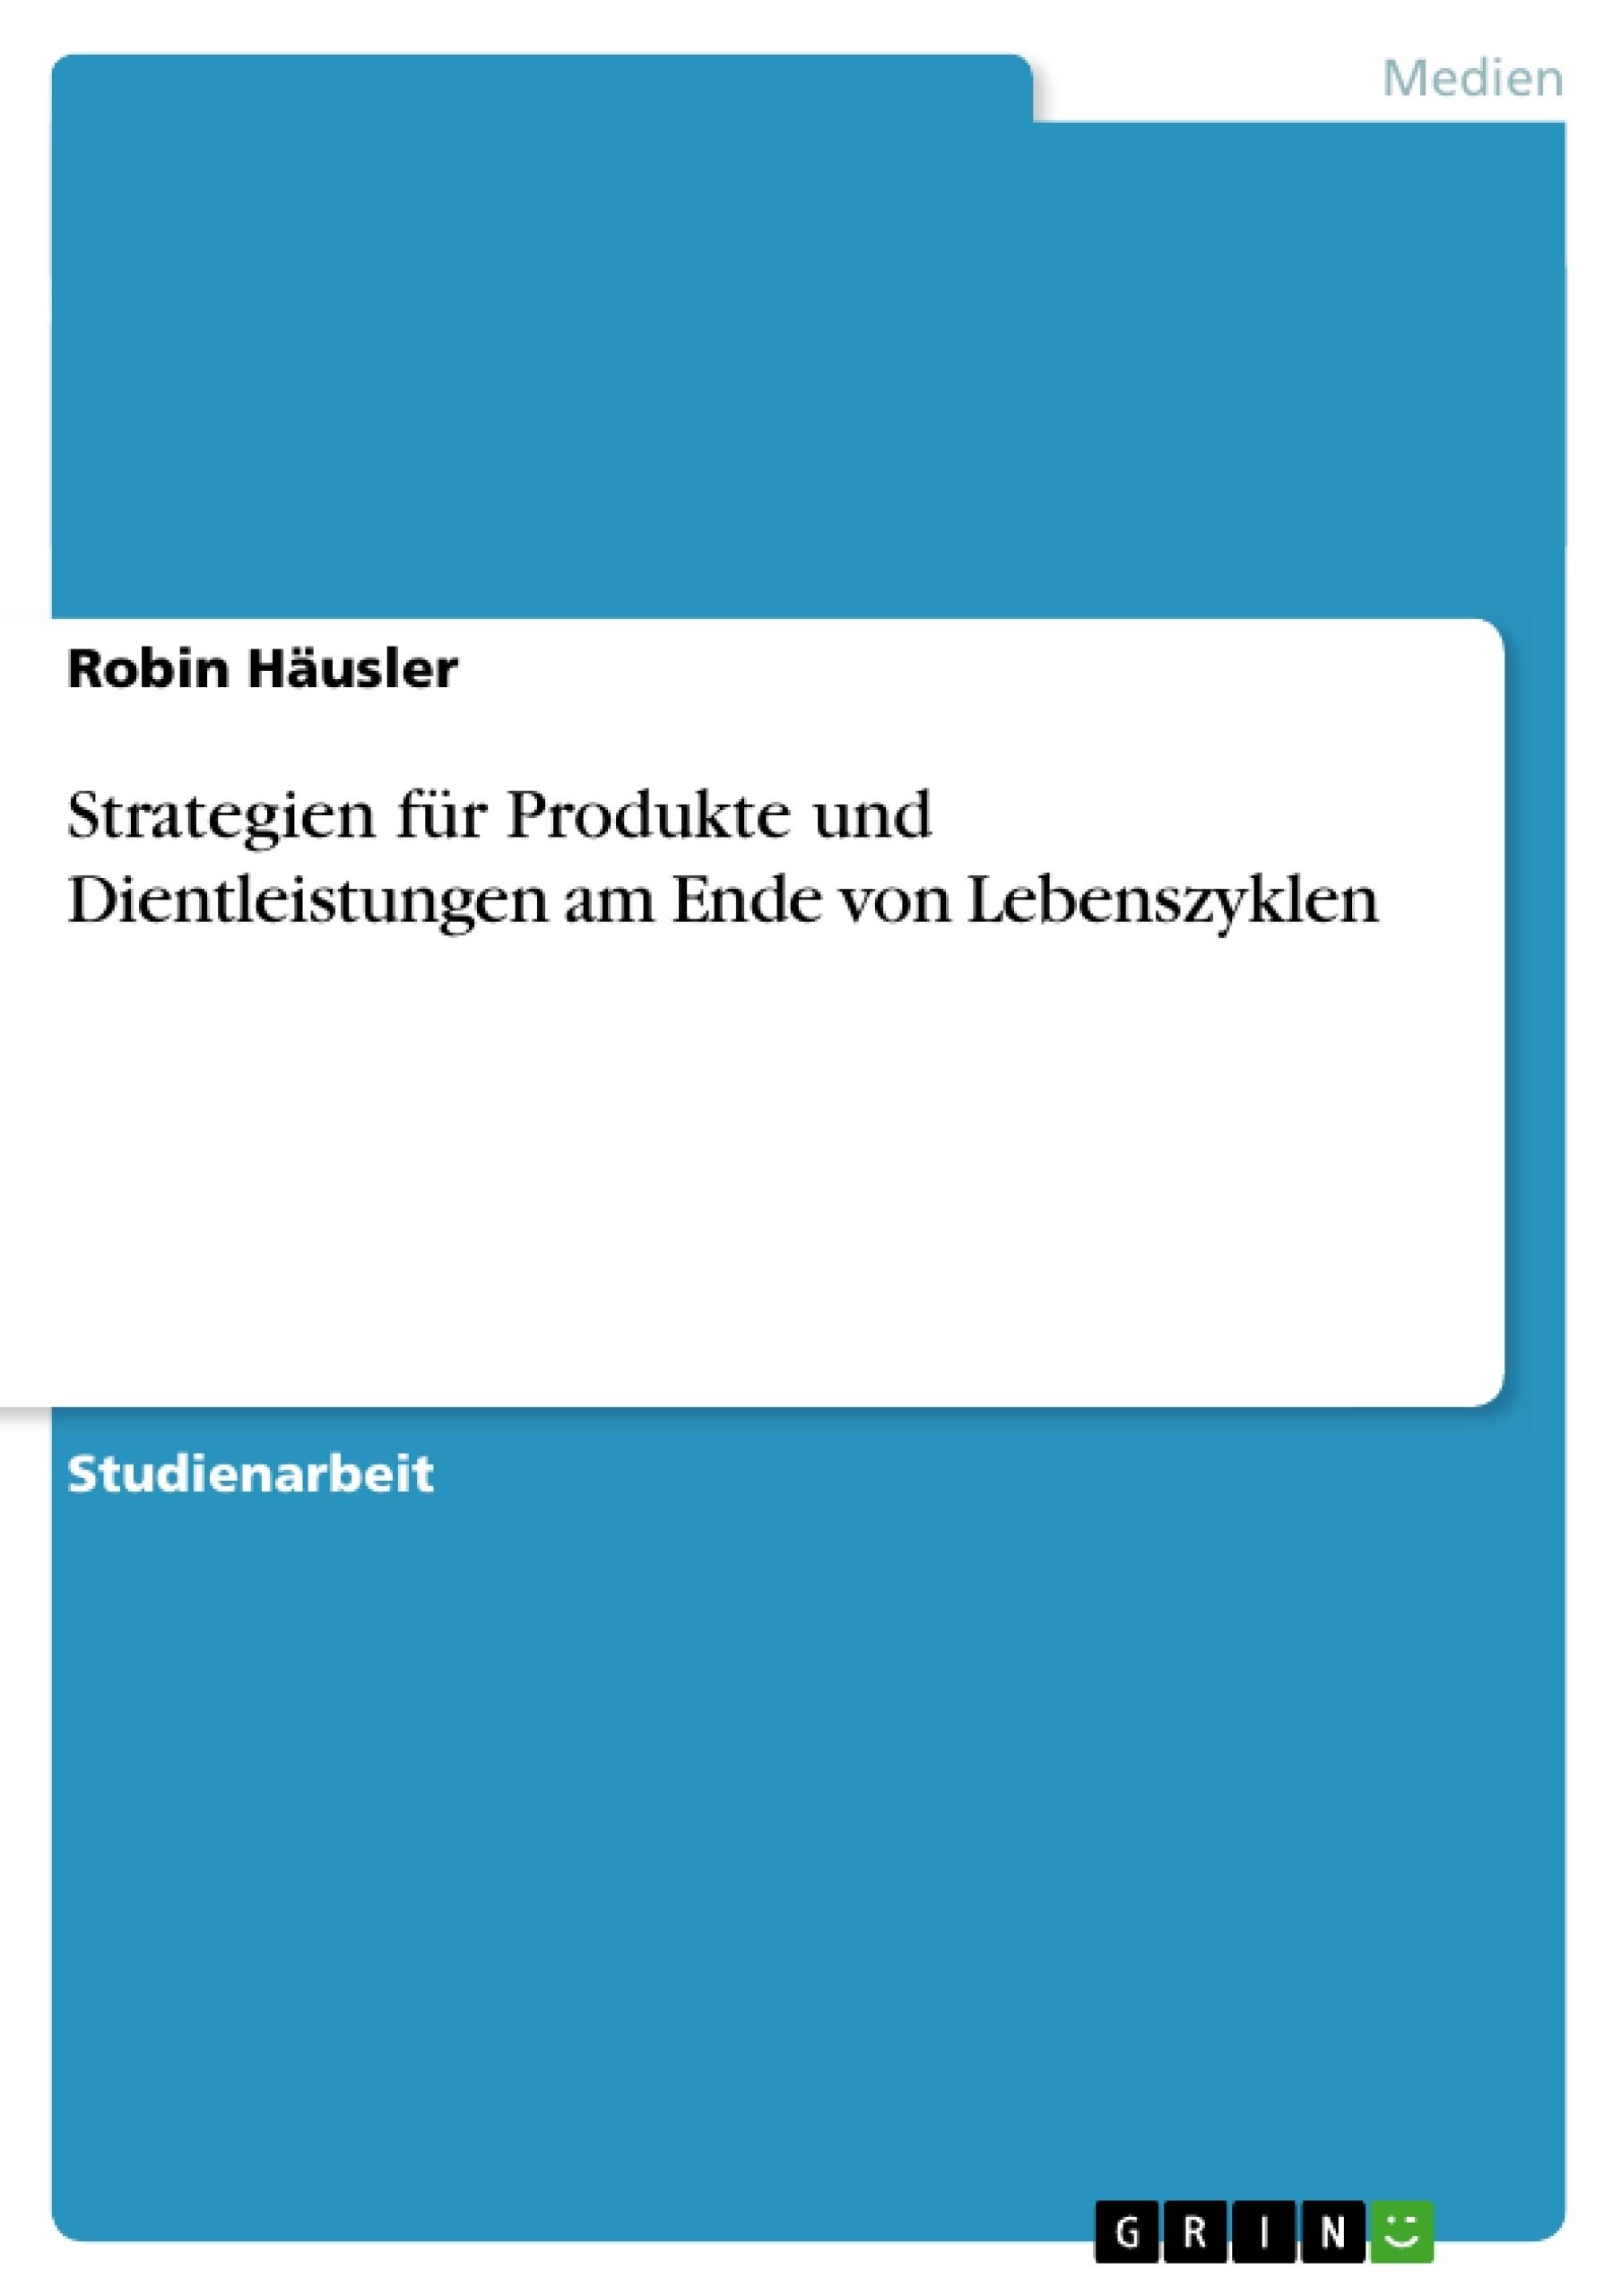 Titel: Strategien für Produkte und Dientleistungen am Ende von Lebenszyklen